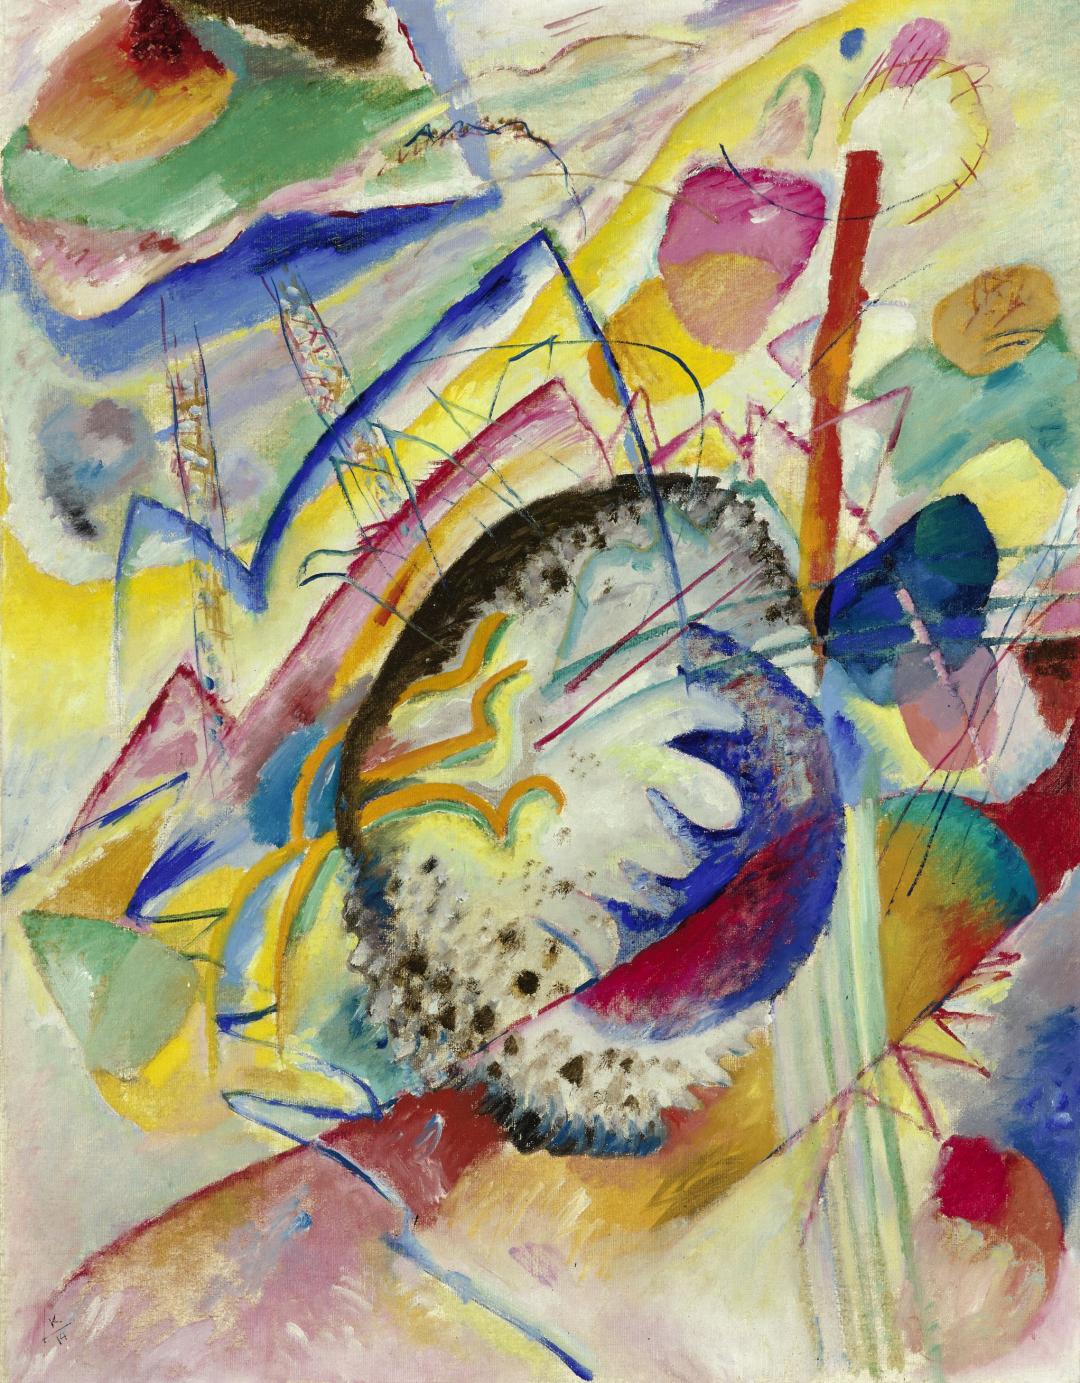 Wassily Kandinsky, Bez tytułu (Improwizacja II) / Untitled (Improvisation II), 1914